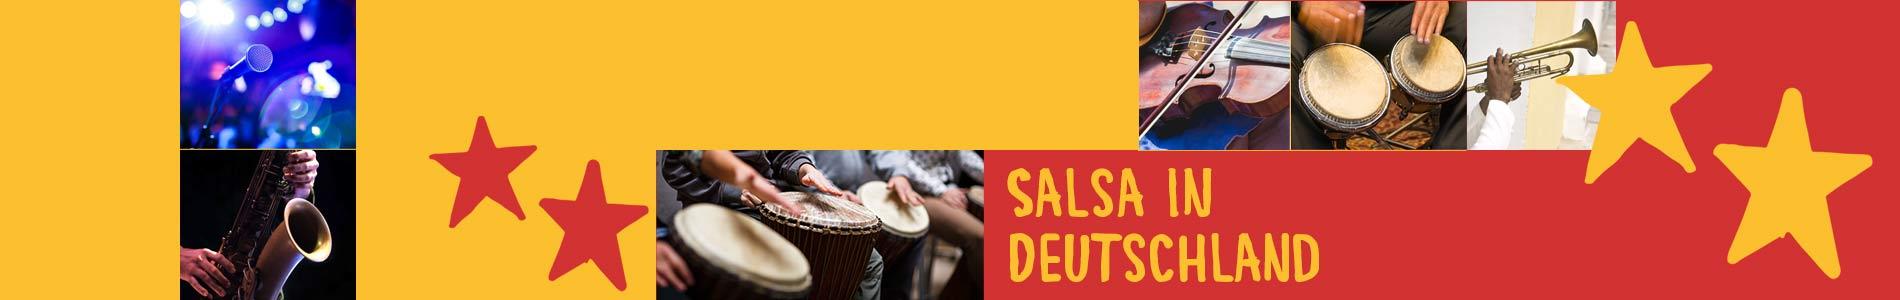 Salsa in Deißlingen – Salsa lernen und tanzen, Tanzkurse, Partys, Veranstaltungen